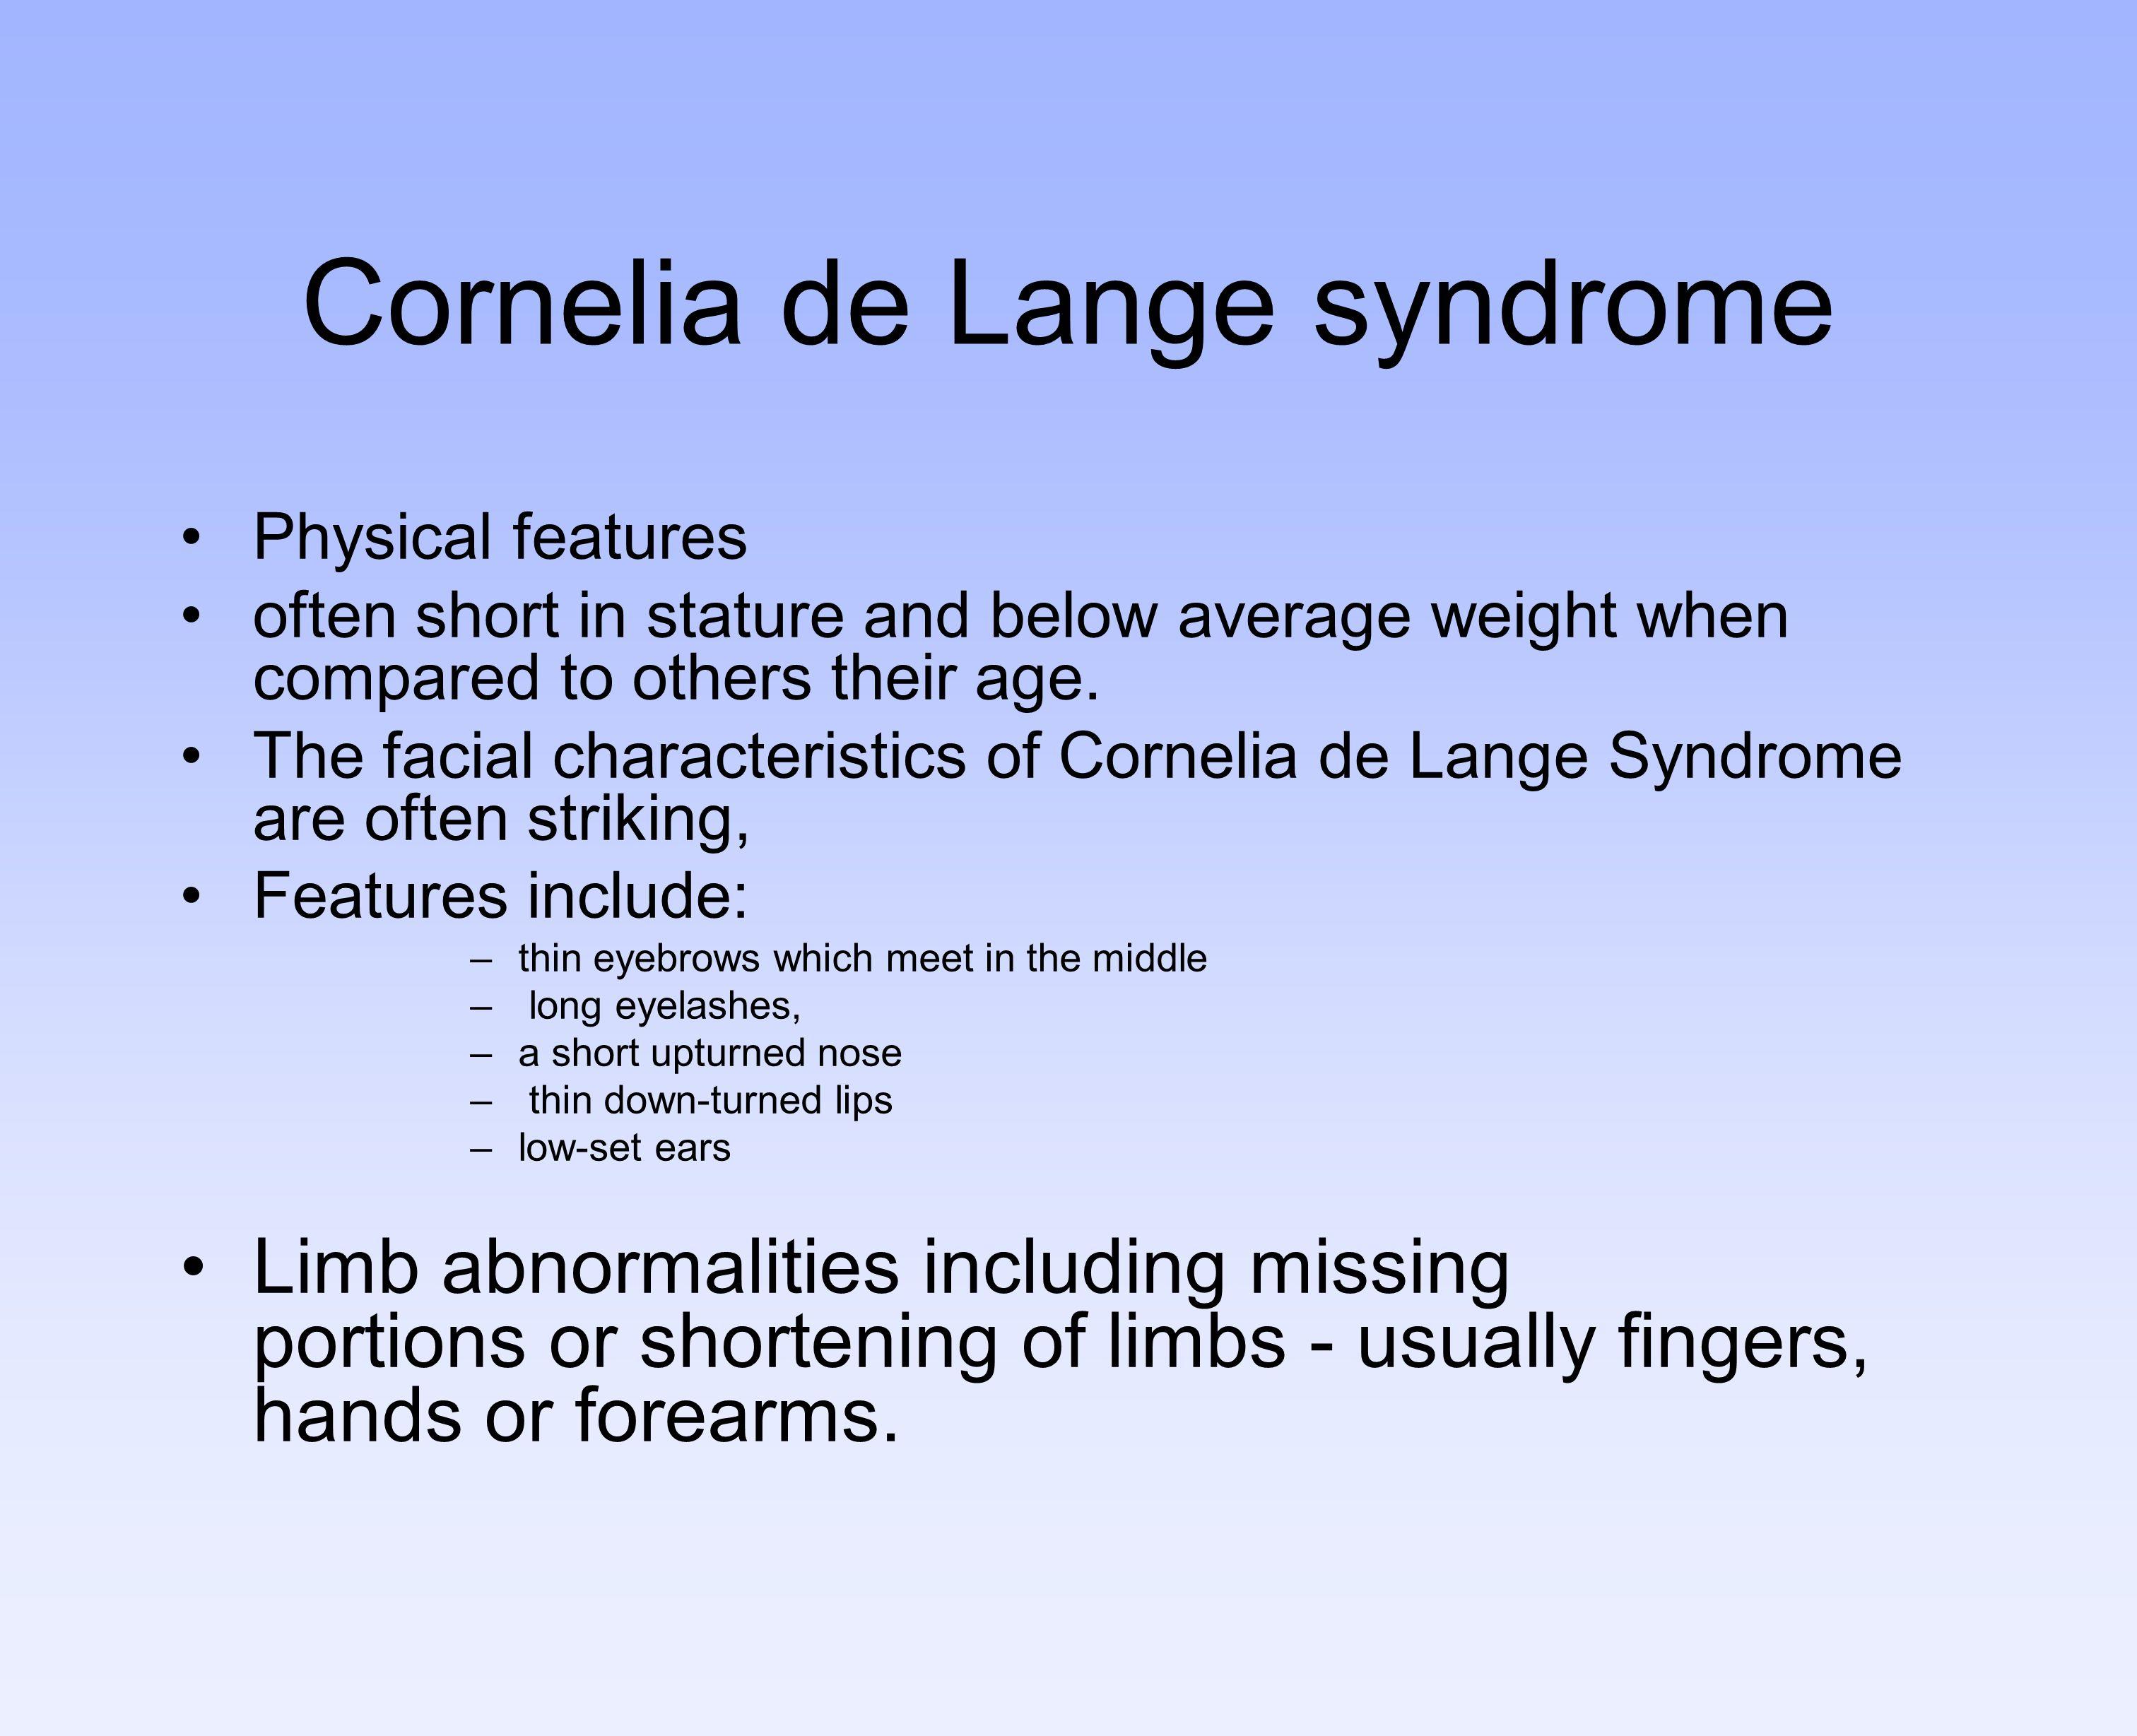 Cornelia de Lange syndrome